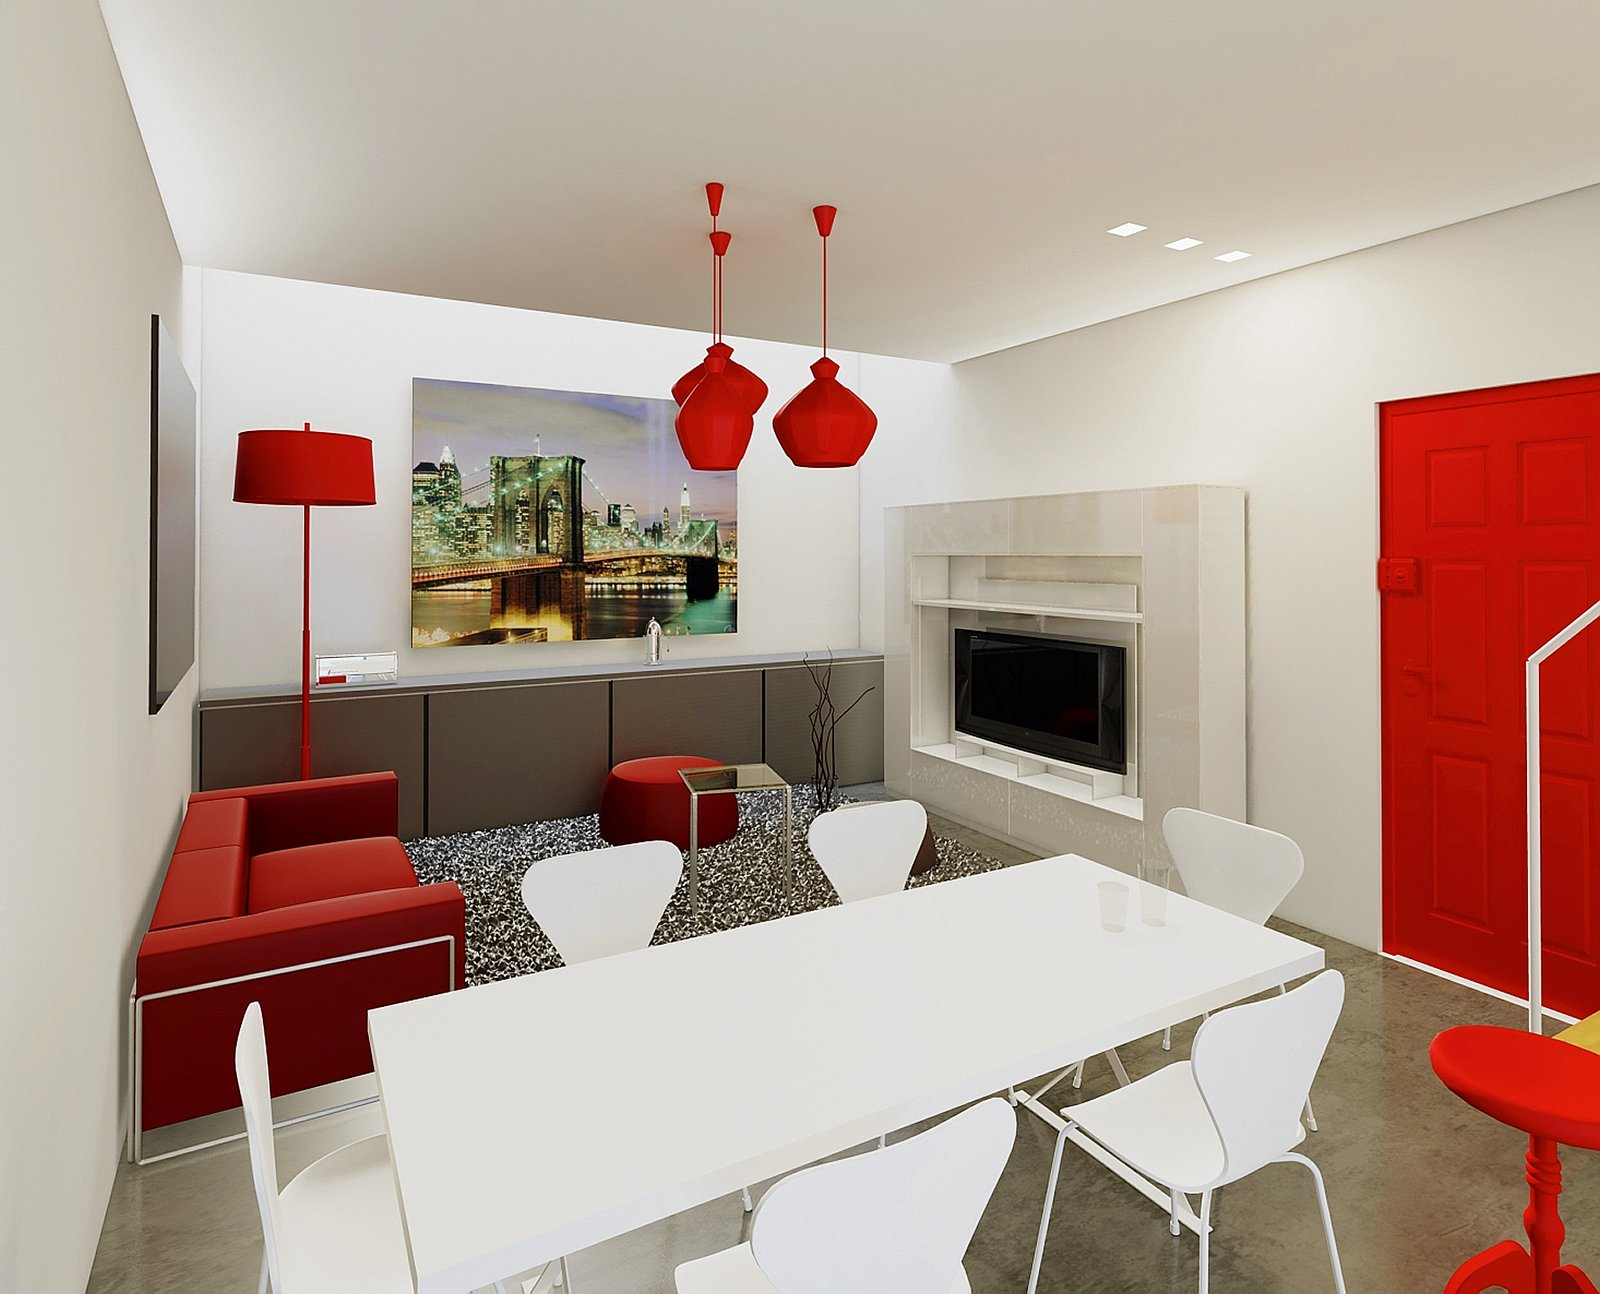 idee x imbiancare casa. stunning colori in casa blu petrolio e ... - Come Imbiancare La Camera Da Letto